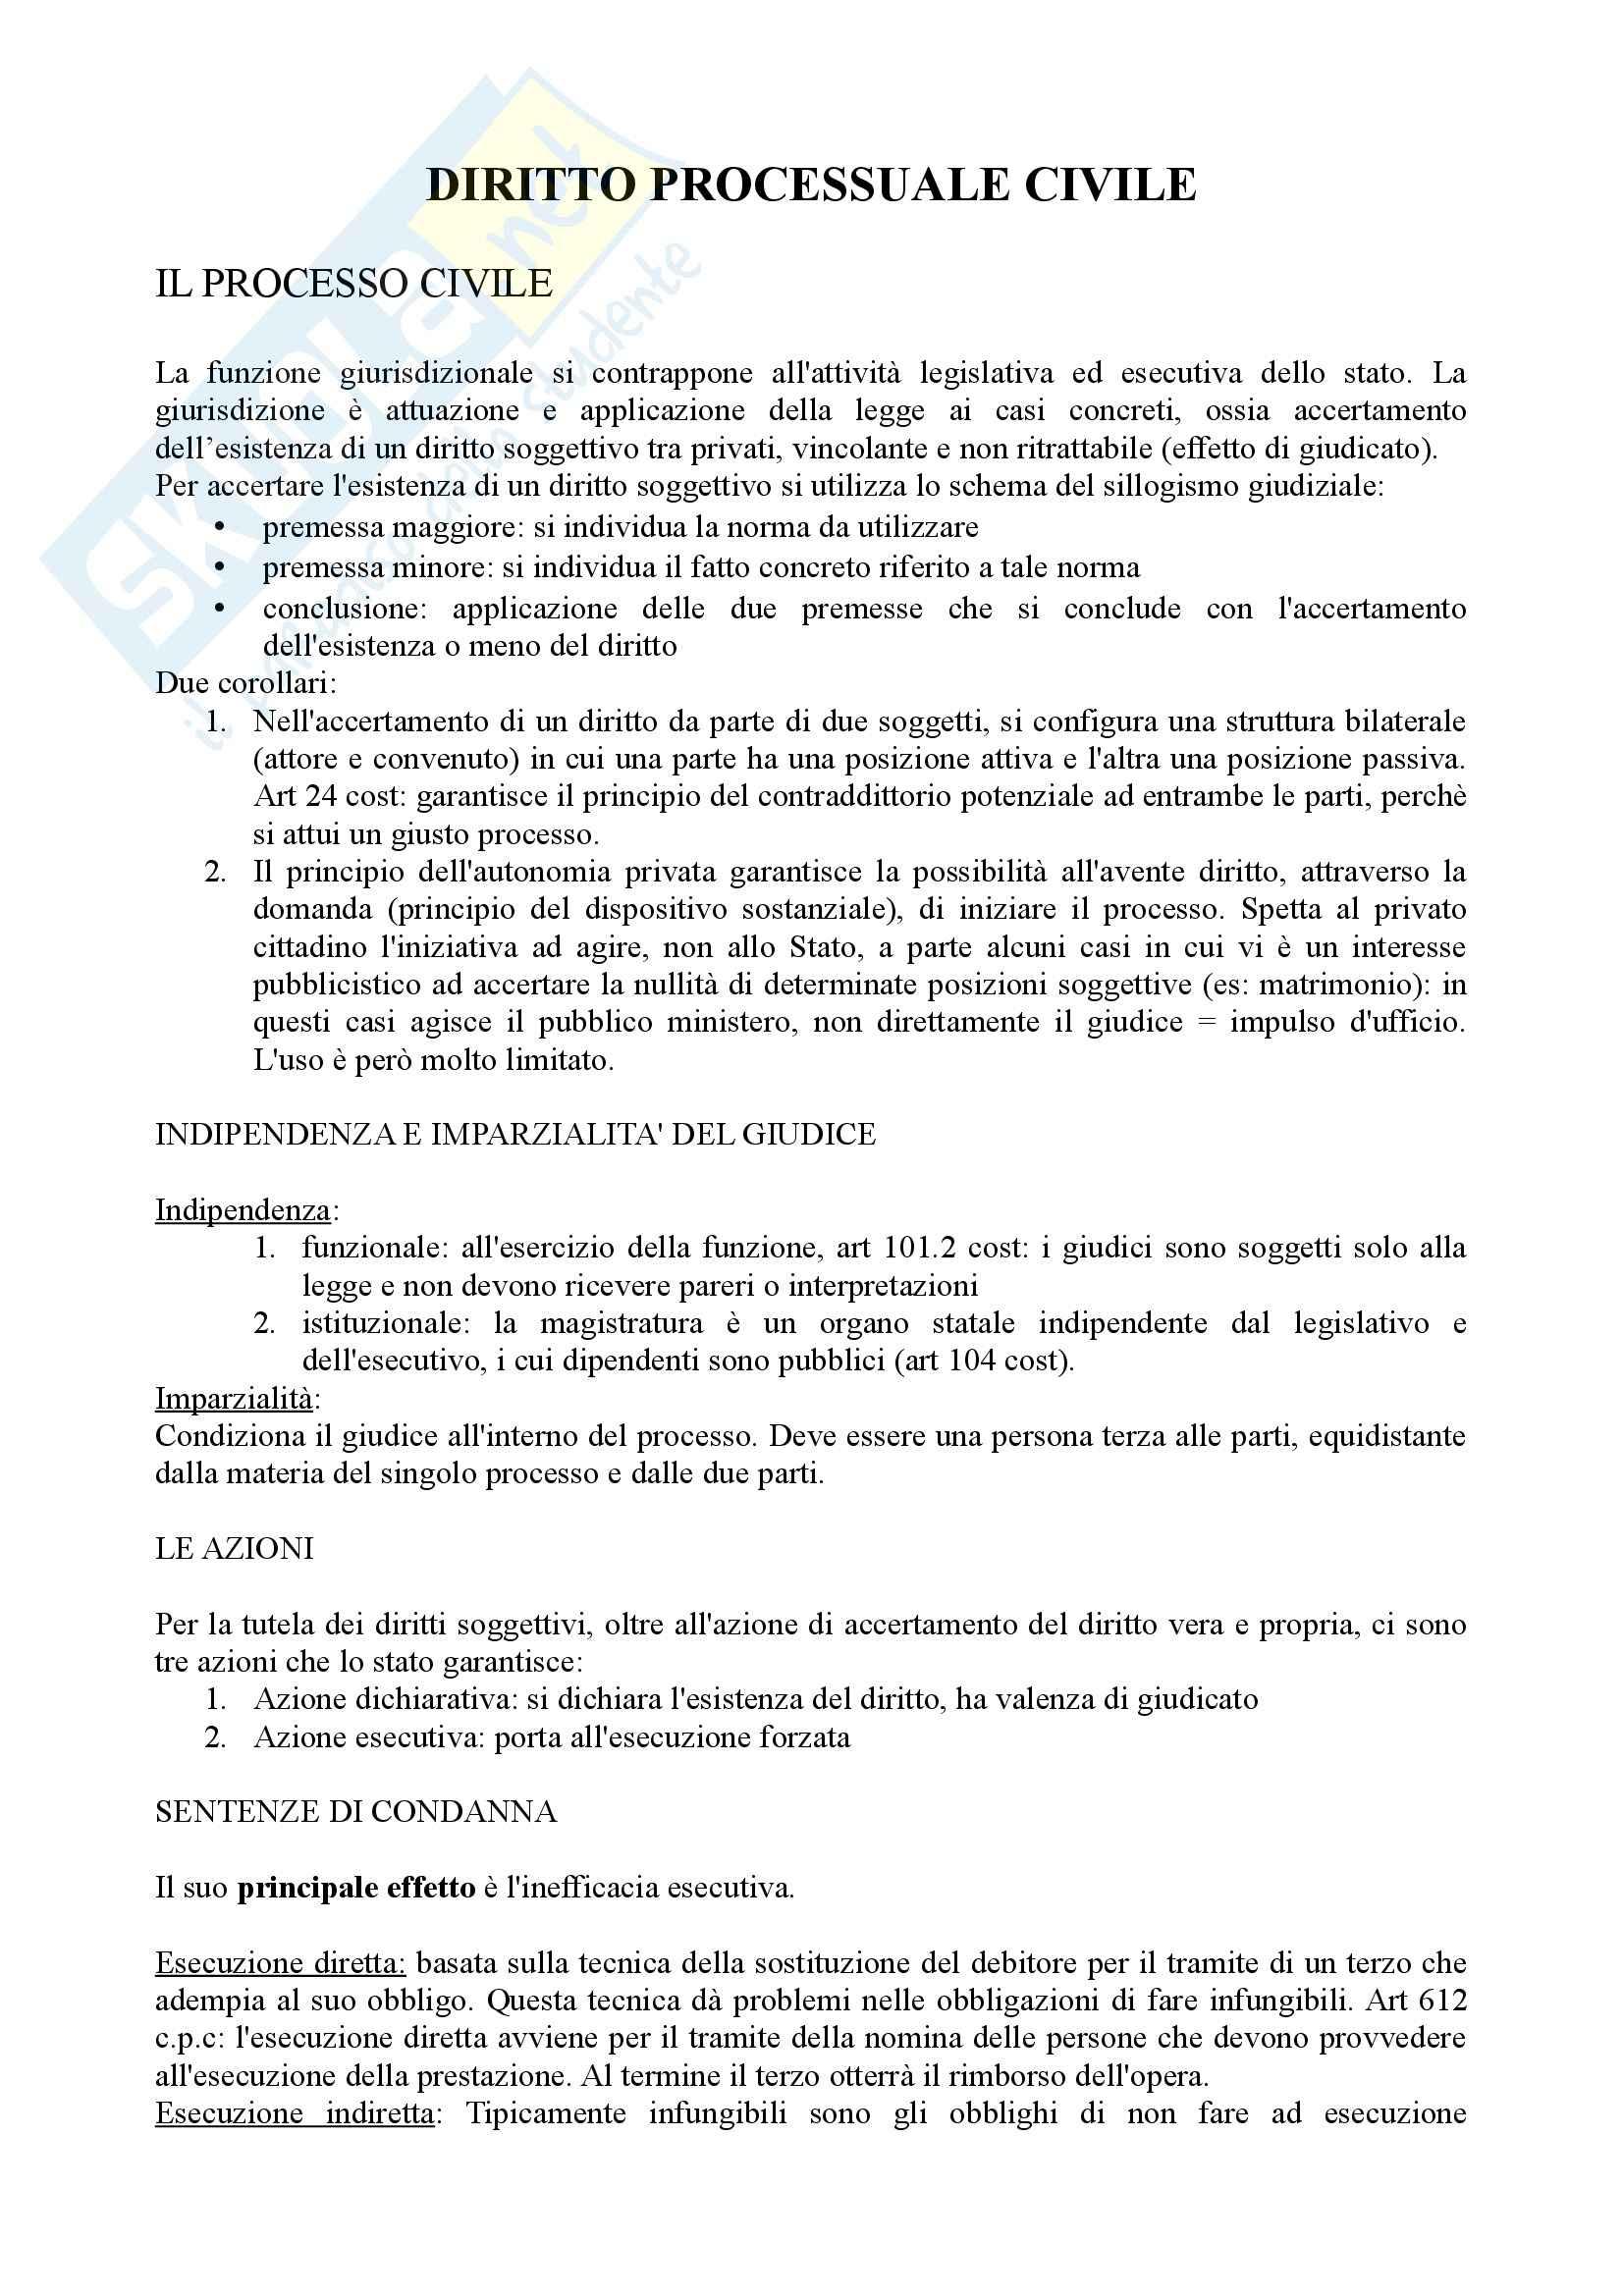 Diritto processuale civile - Appunti (parte 1)